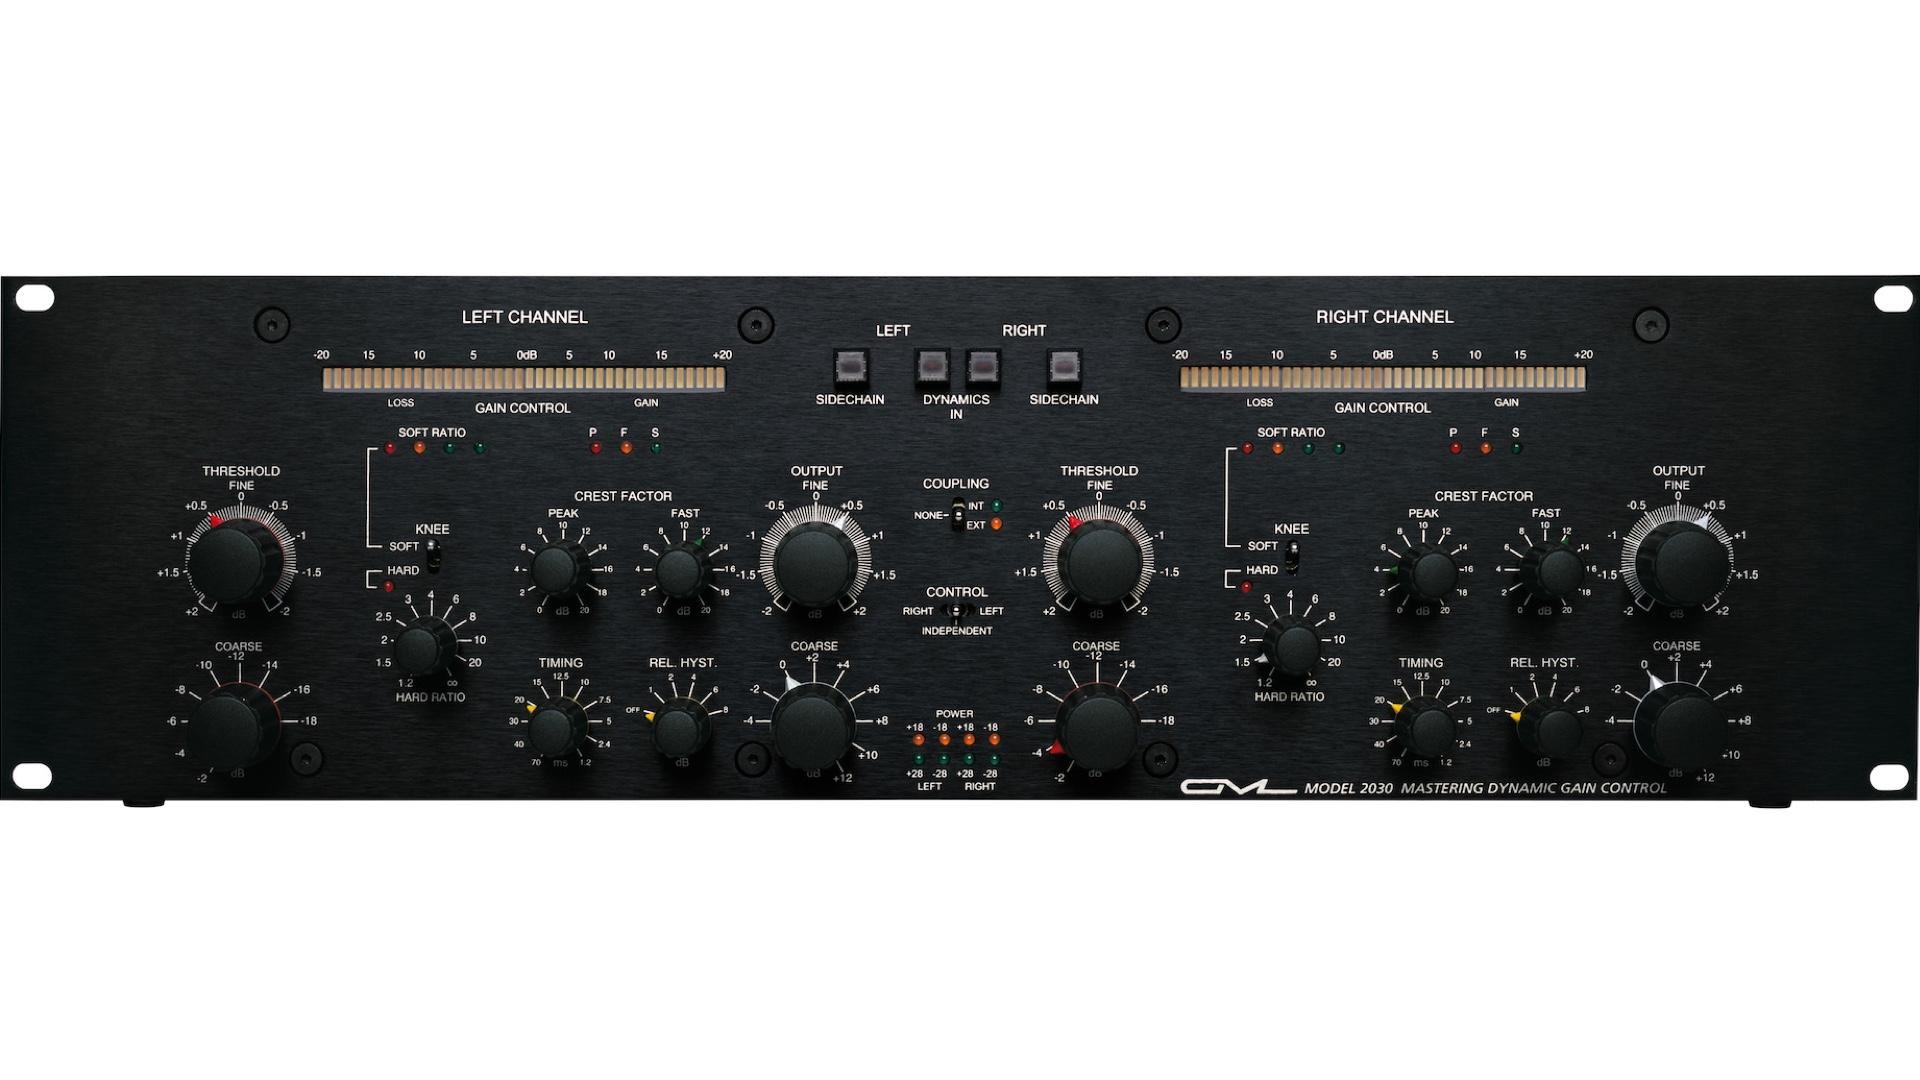 GML 20301920x1080